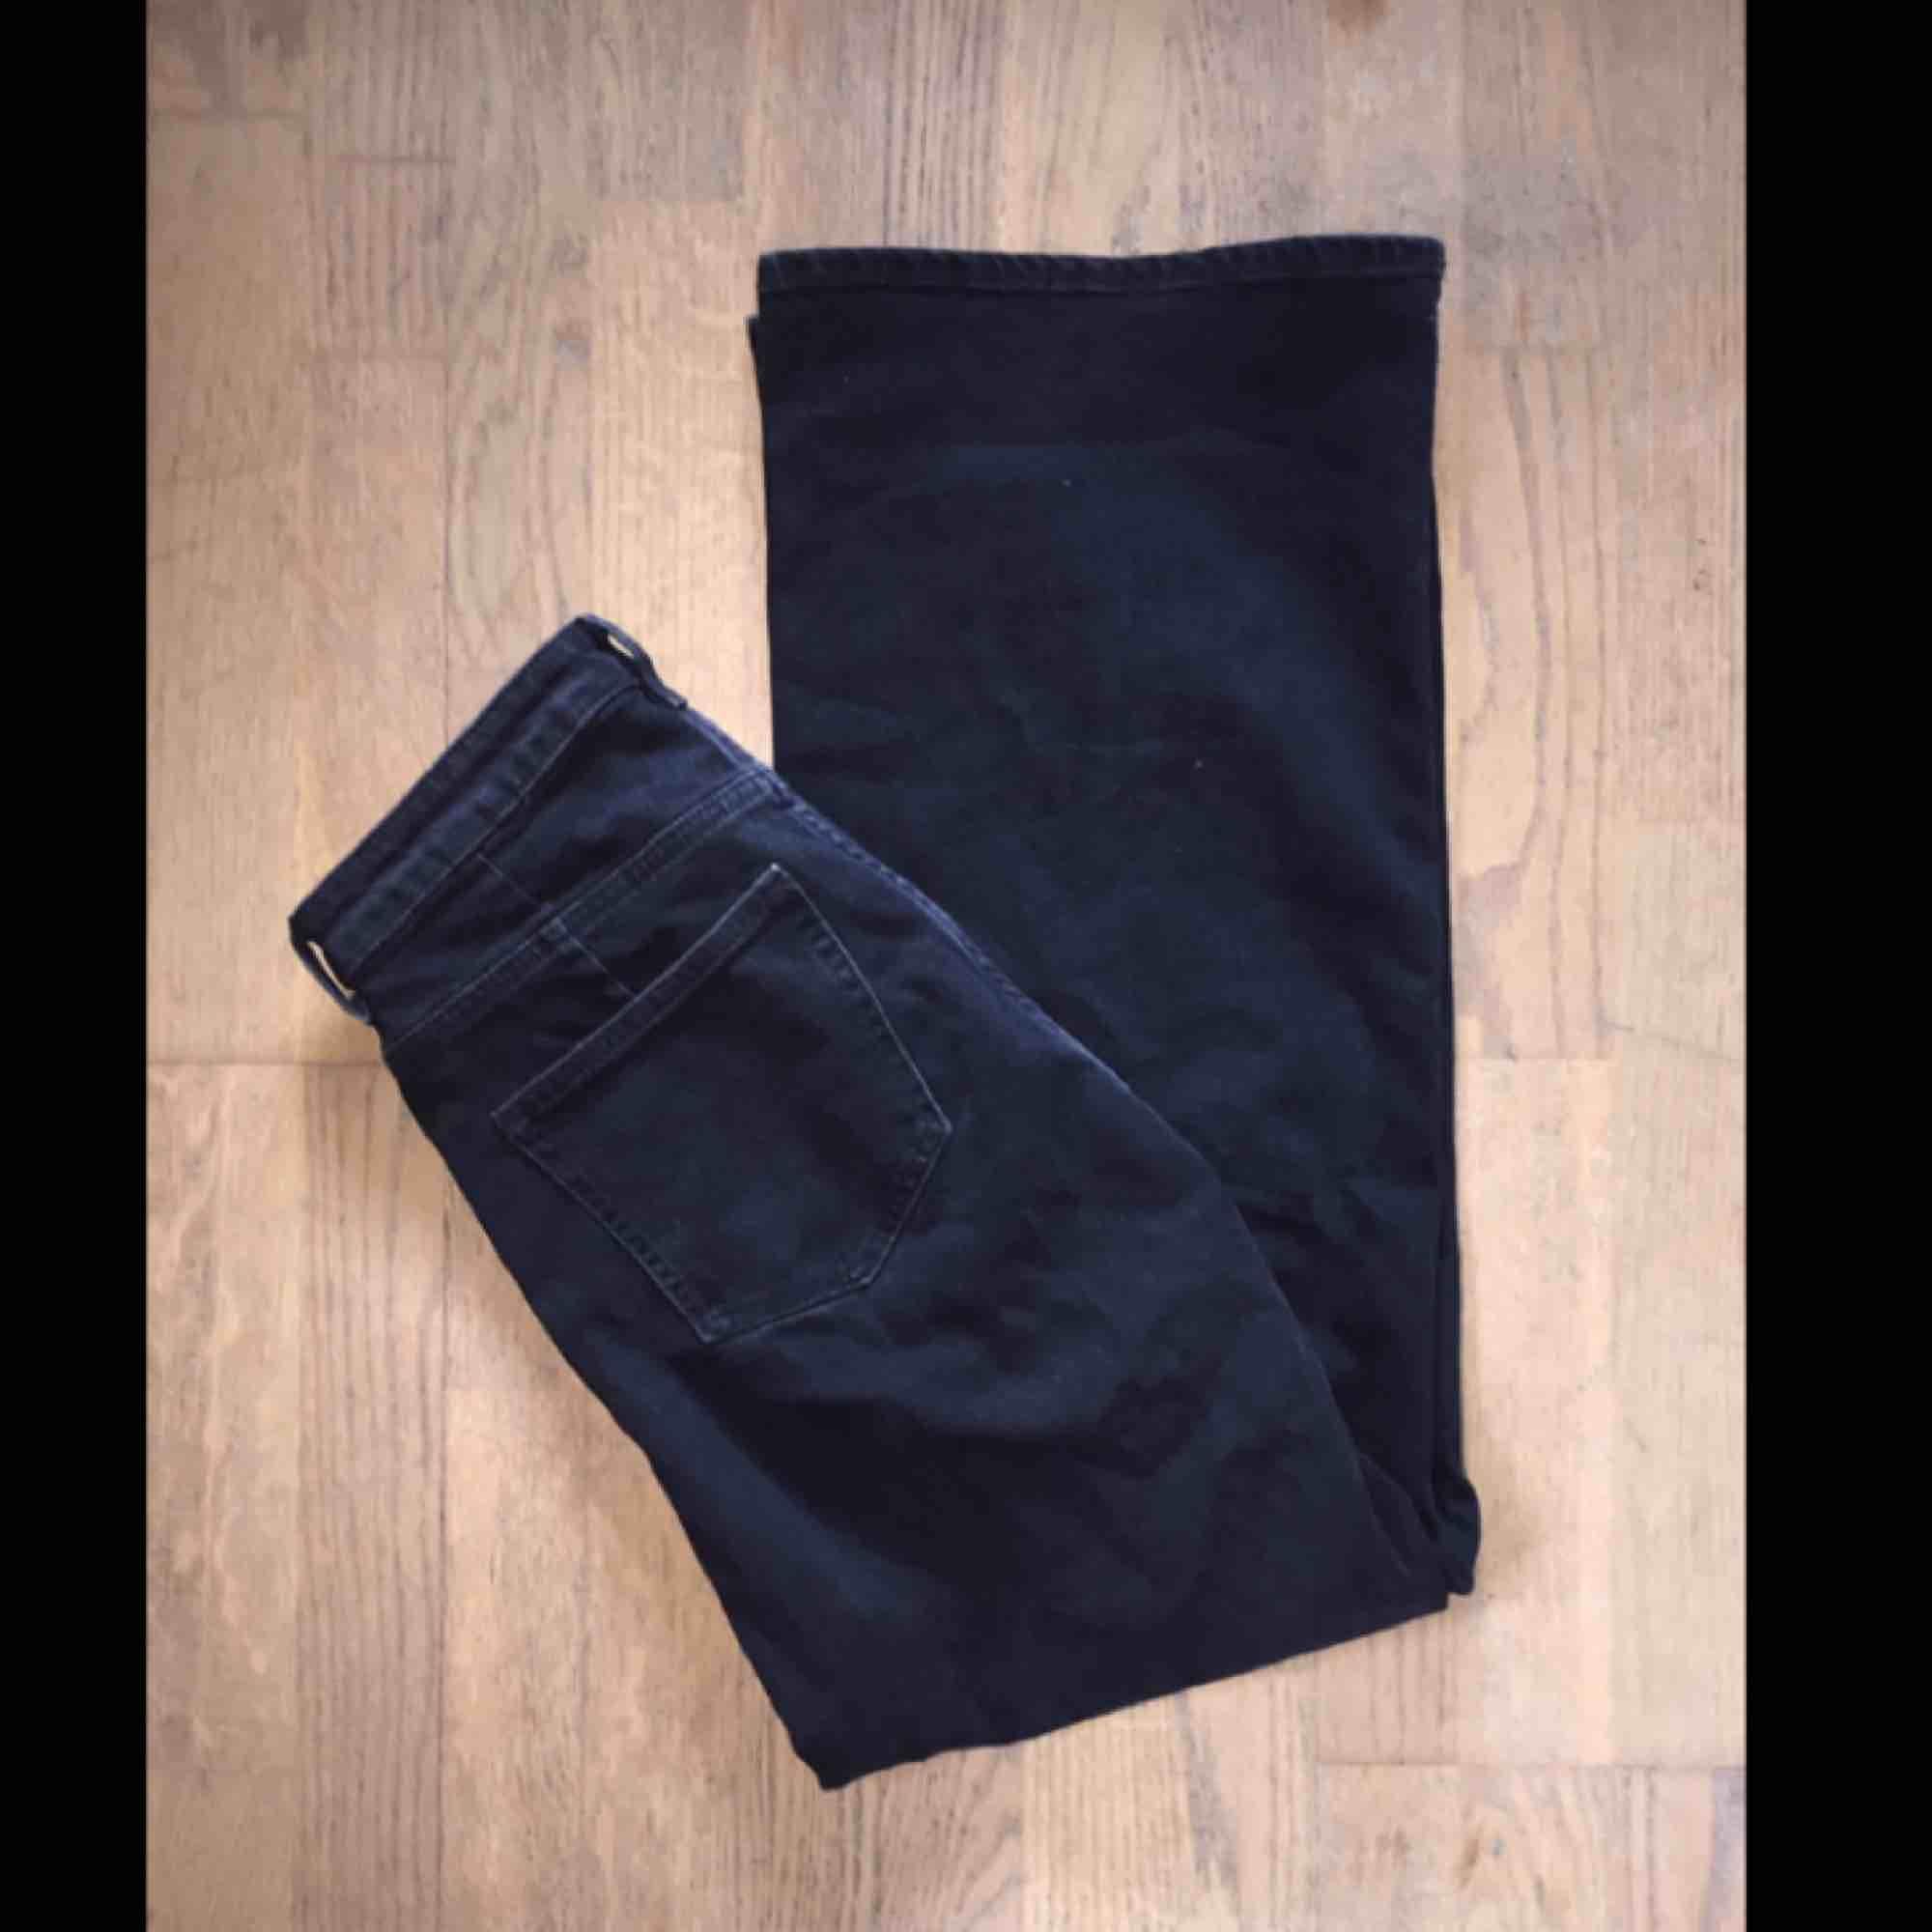 Byxor från weekday i modellen ACE, vida i benen och skitsnygga på! Använda typ två gånger. Nypriset e 500, säljer för 400 pga inget slitage, men man får pruta om man vill! . Jeans & Byxor.